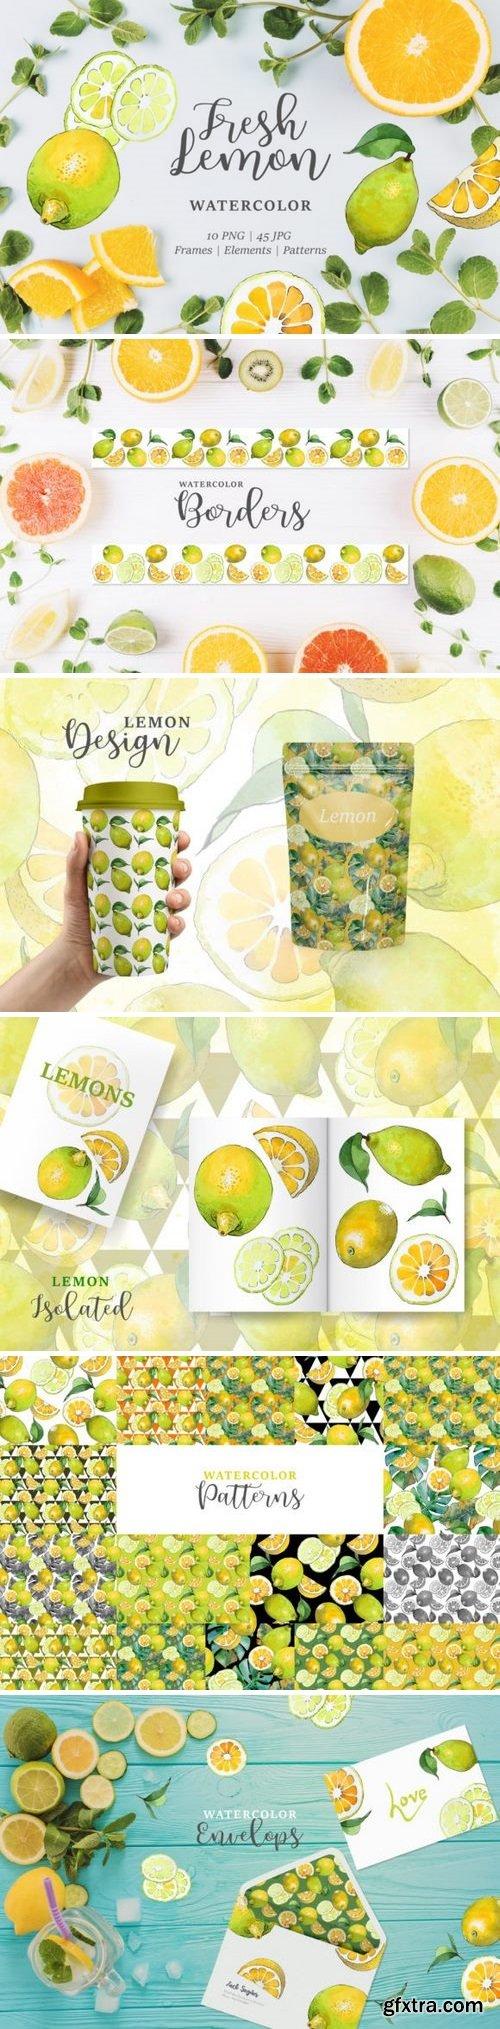 CM - Lemon Watercolor png 3358192